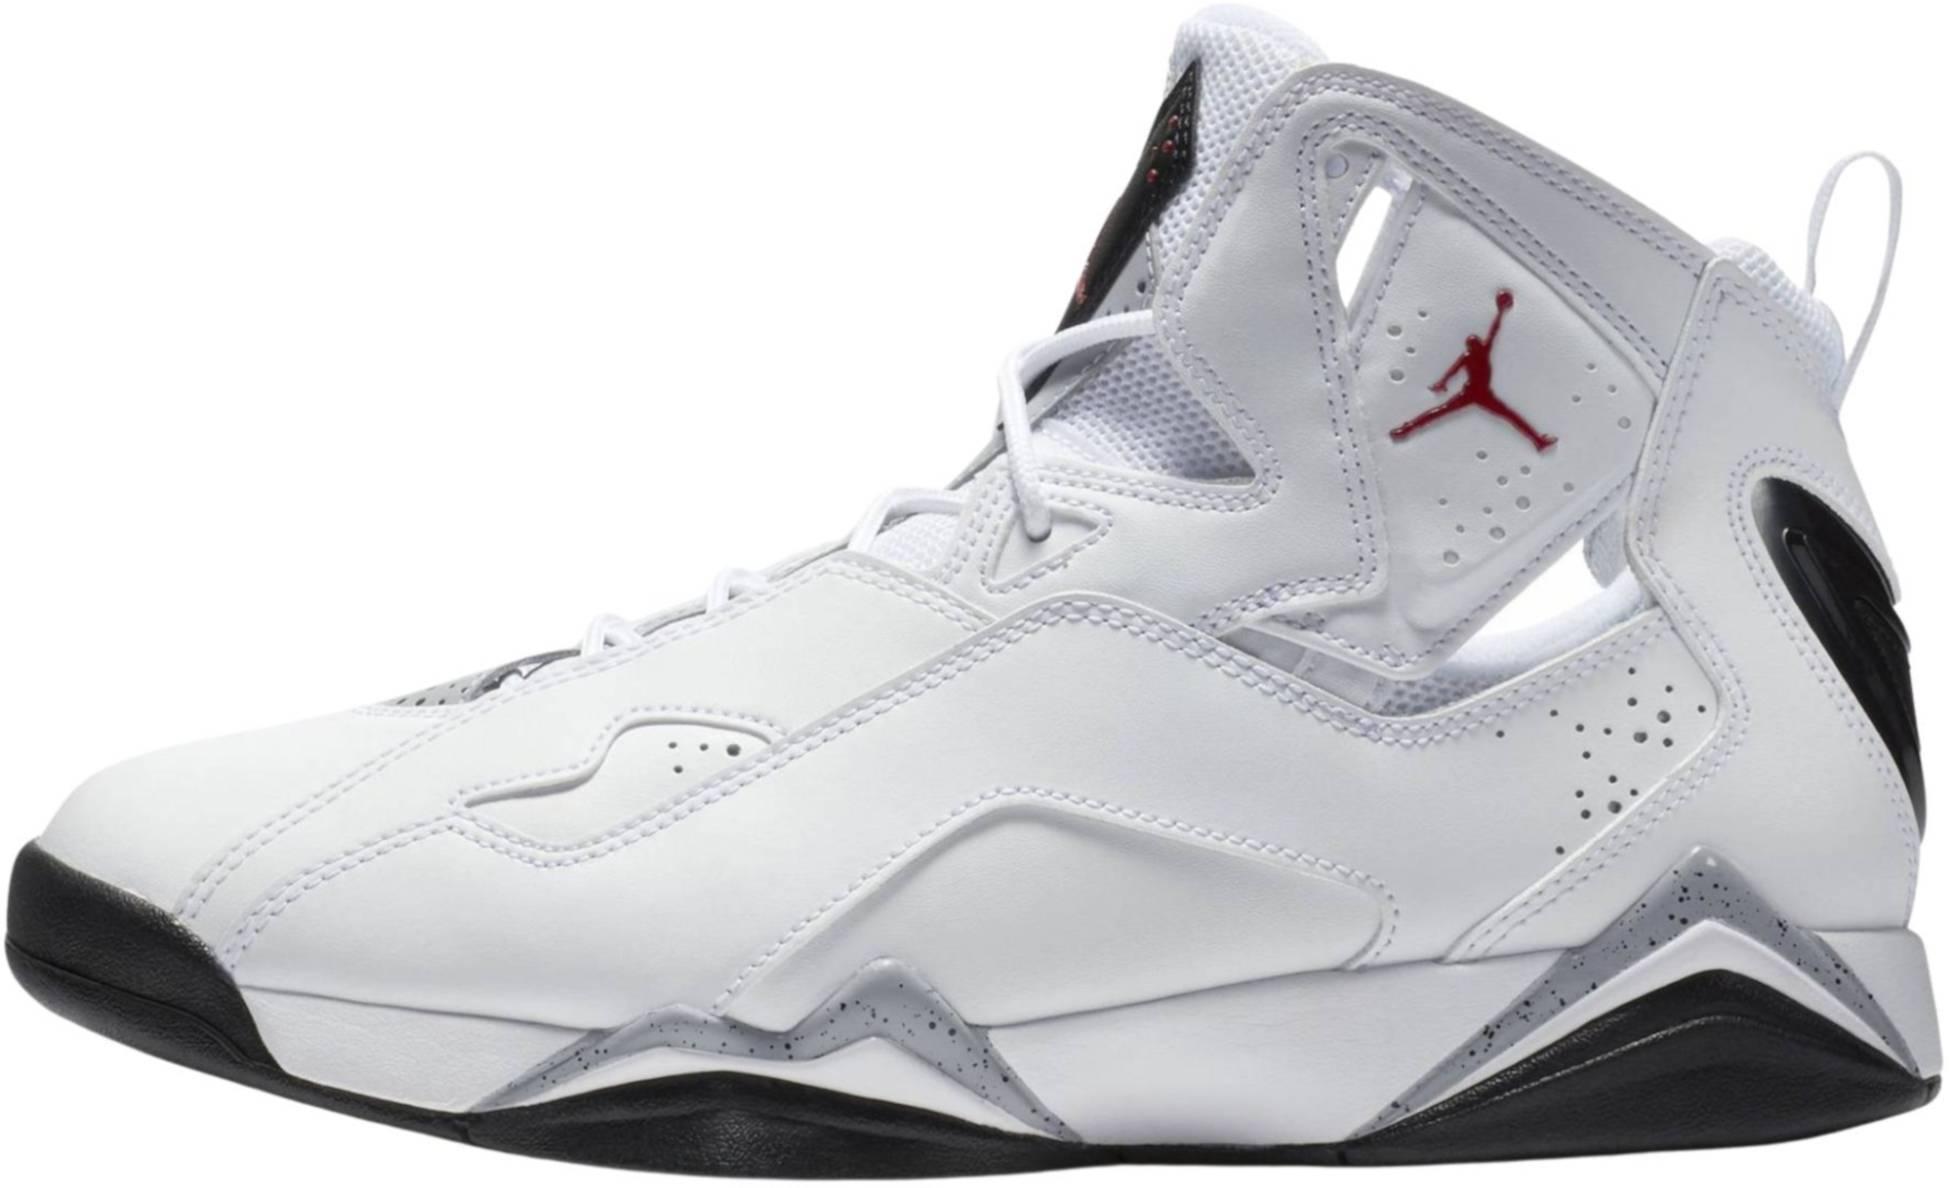 60 Jordan sneakers | RunRepeat